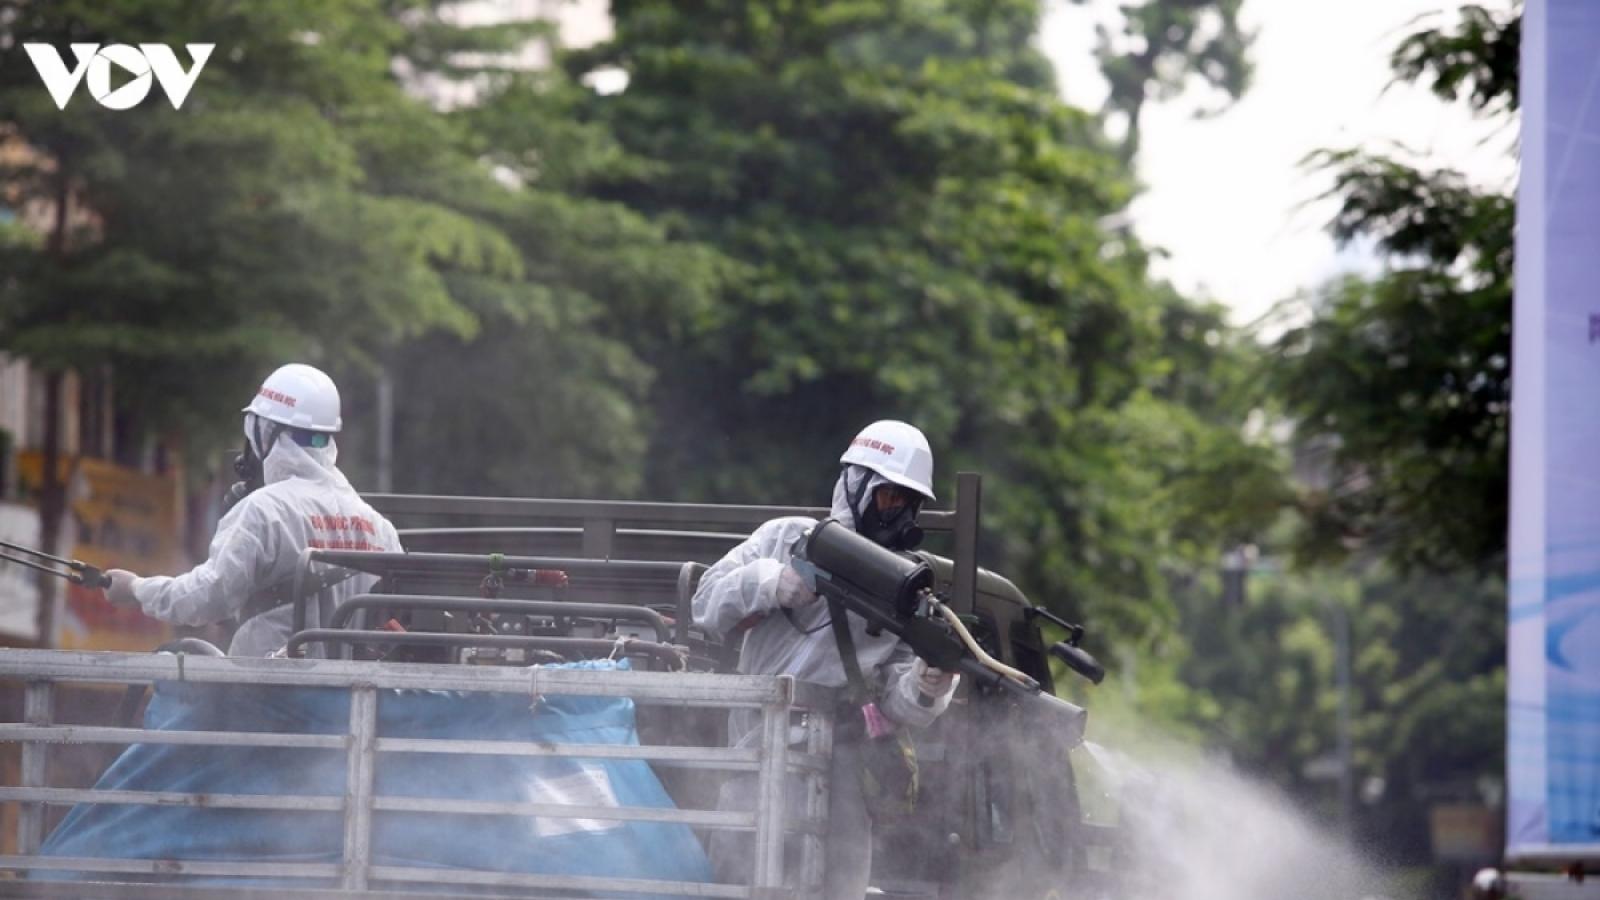 Ngày 26/7, Hà Nội ghi nhận 64 trường hợp dương tính với SARS-CoV-2